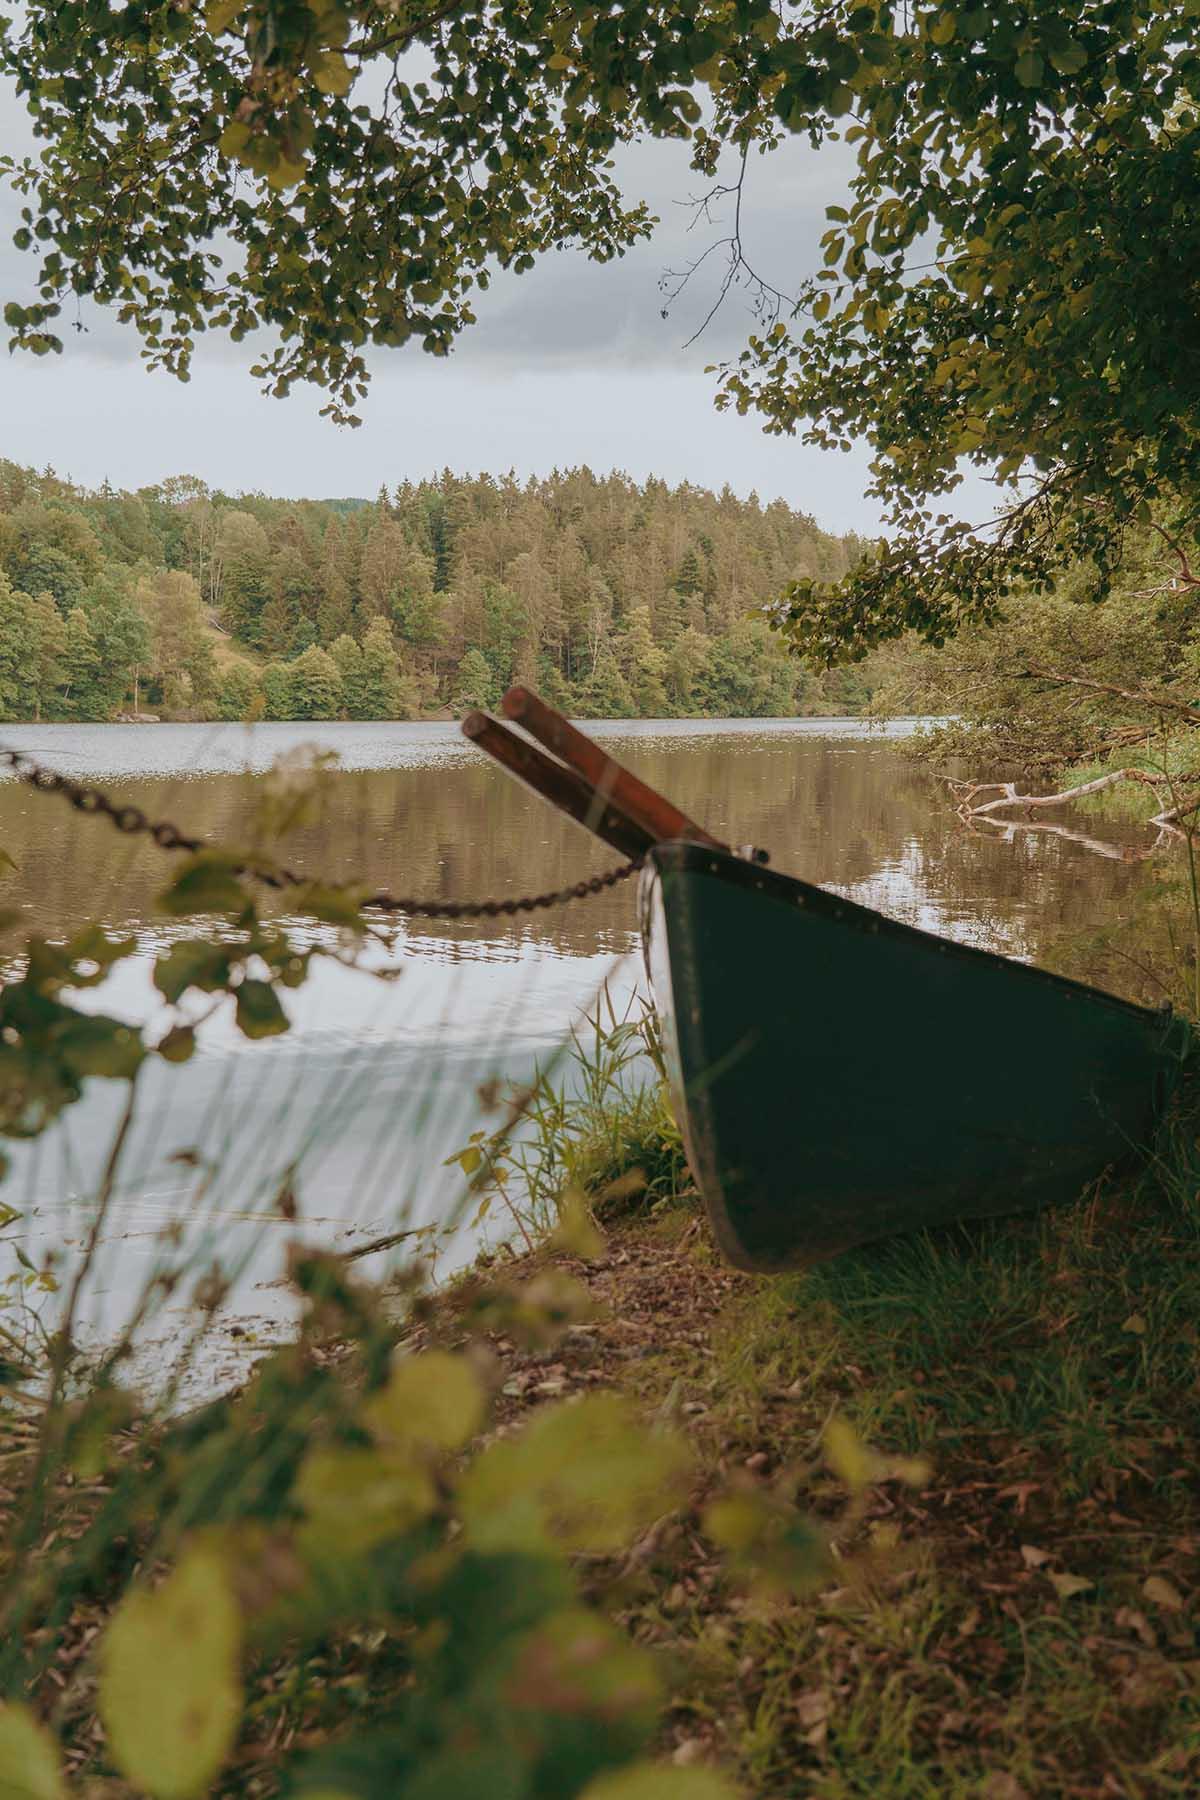 seen-bayerischer-wald-hoellensteinsee-holzboot